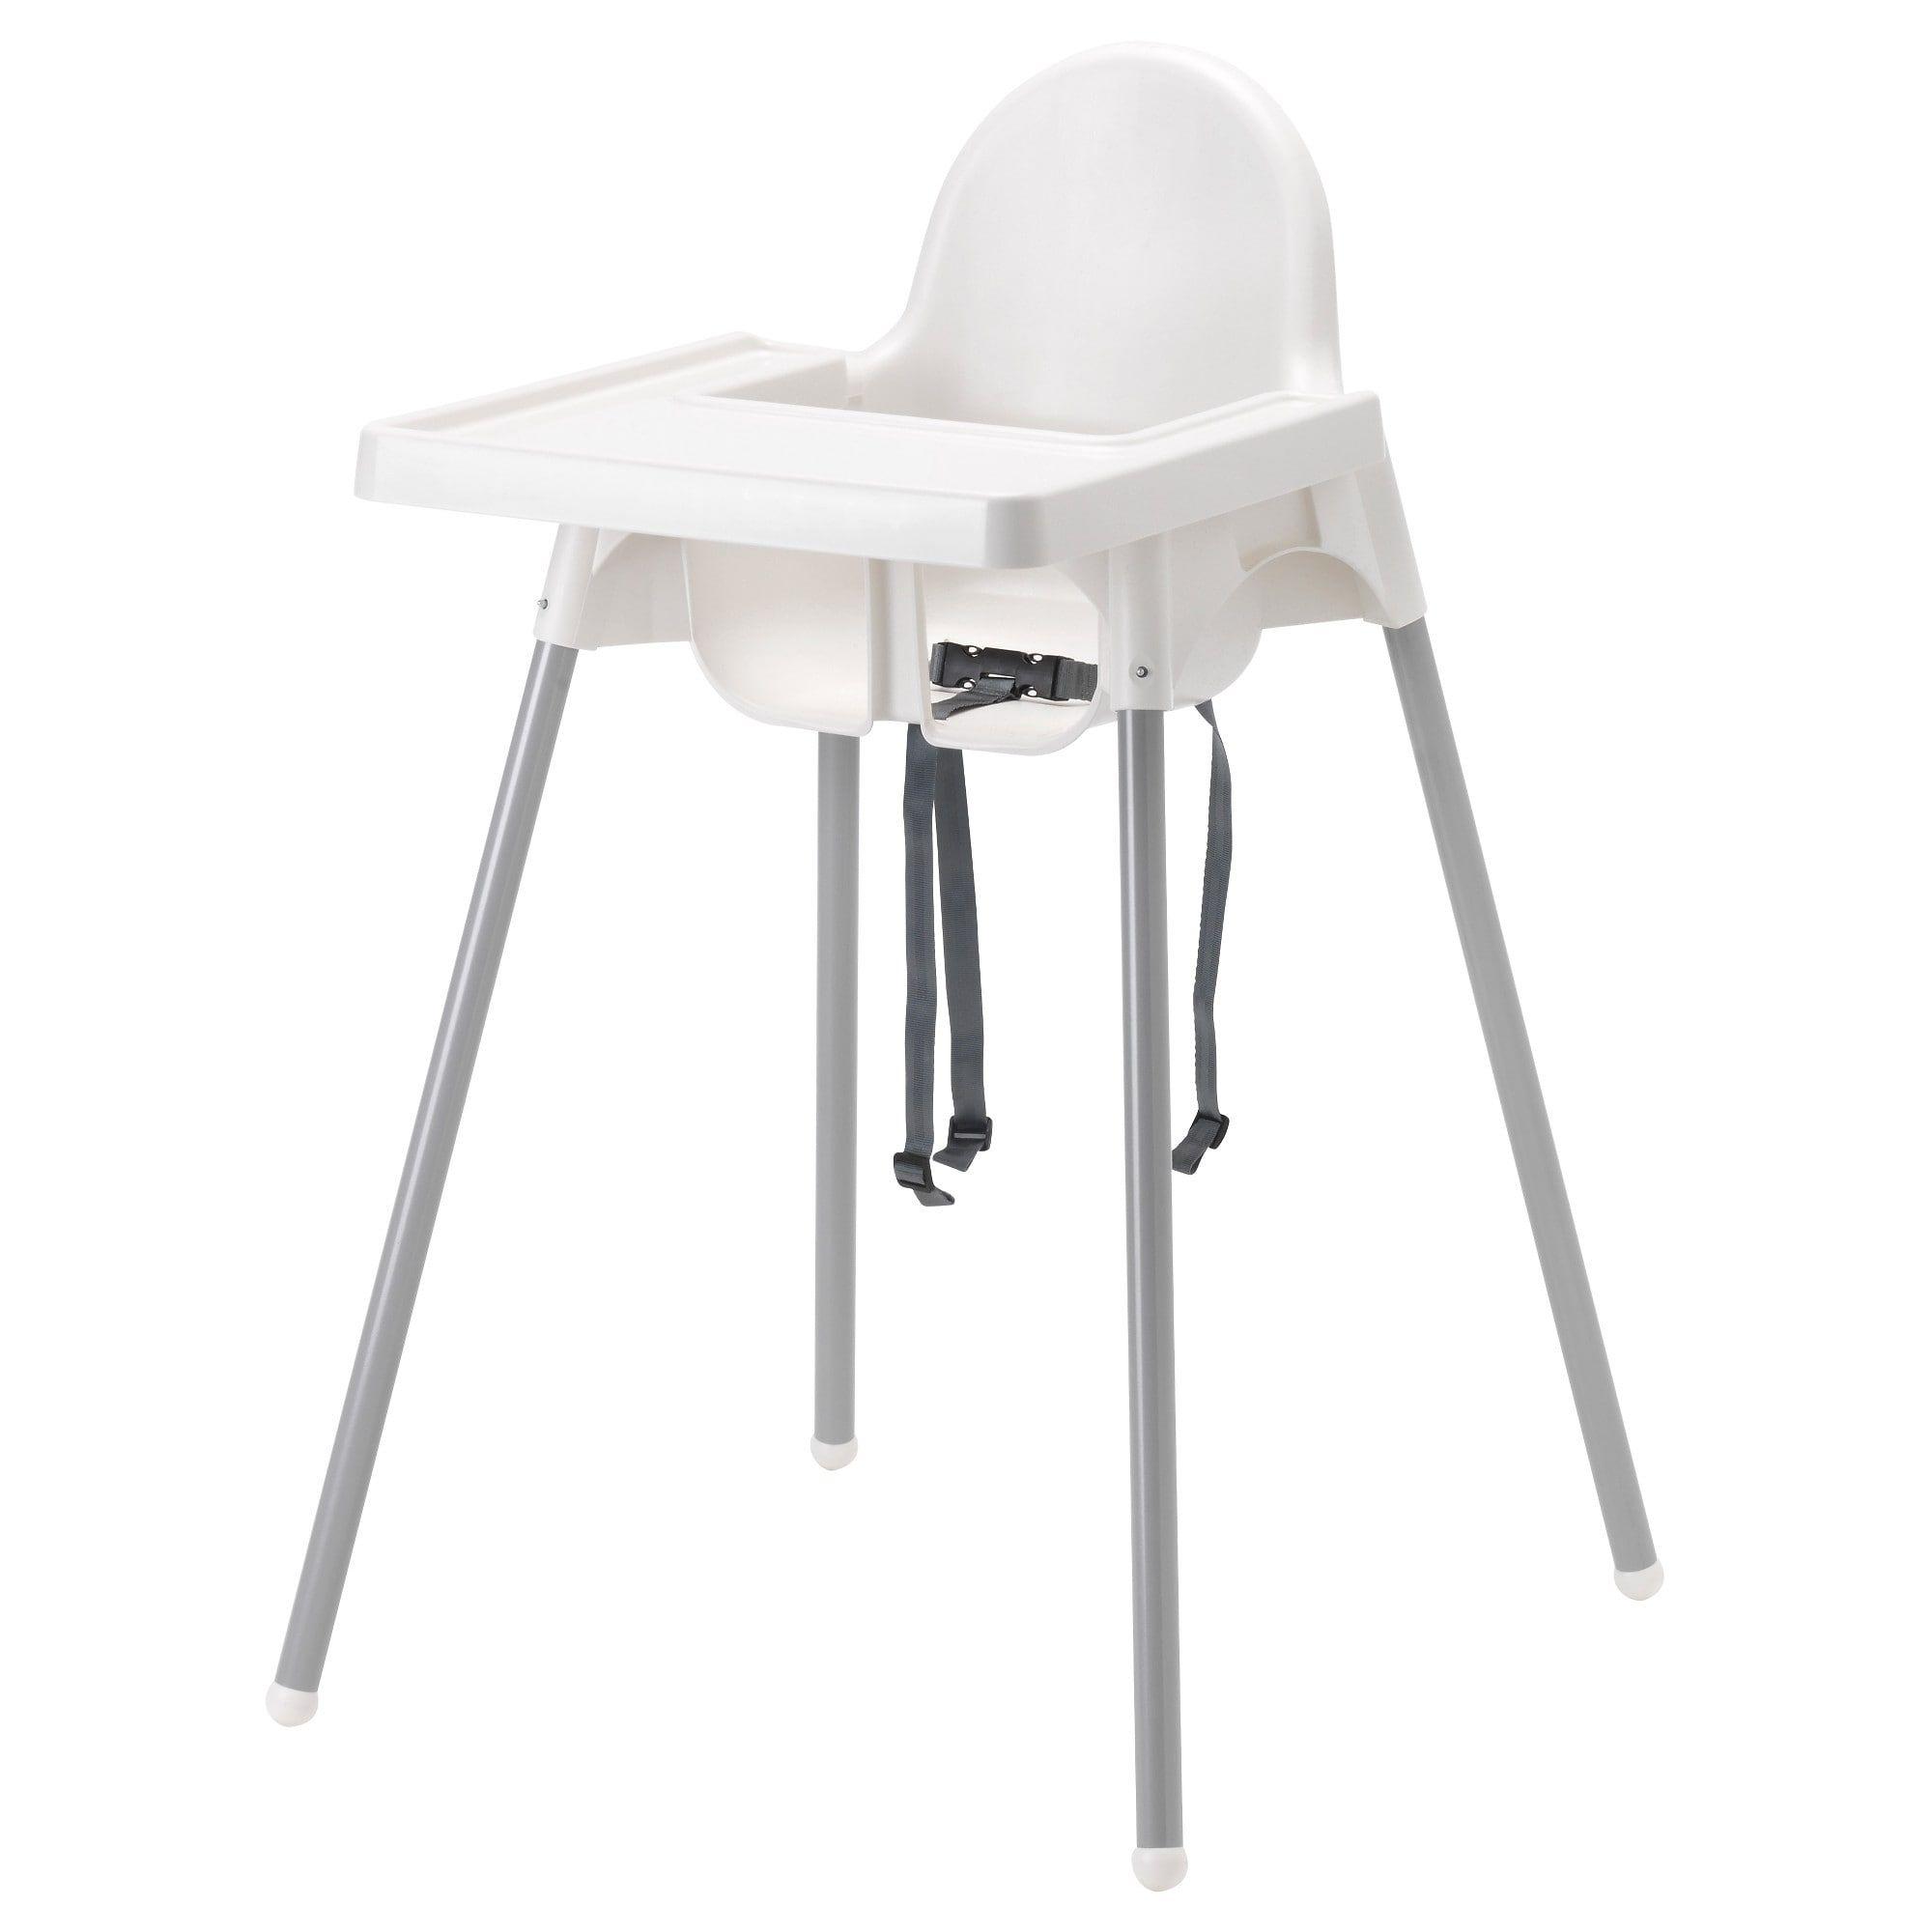 Da ikea trovi anche tutti quei piccoli dettagli che fanno la differenza: Antilop High Chair With Tray White Silver Color Silver Color Ikea Ikea High Chair Antilop High Chair Best High Chairs